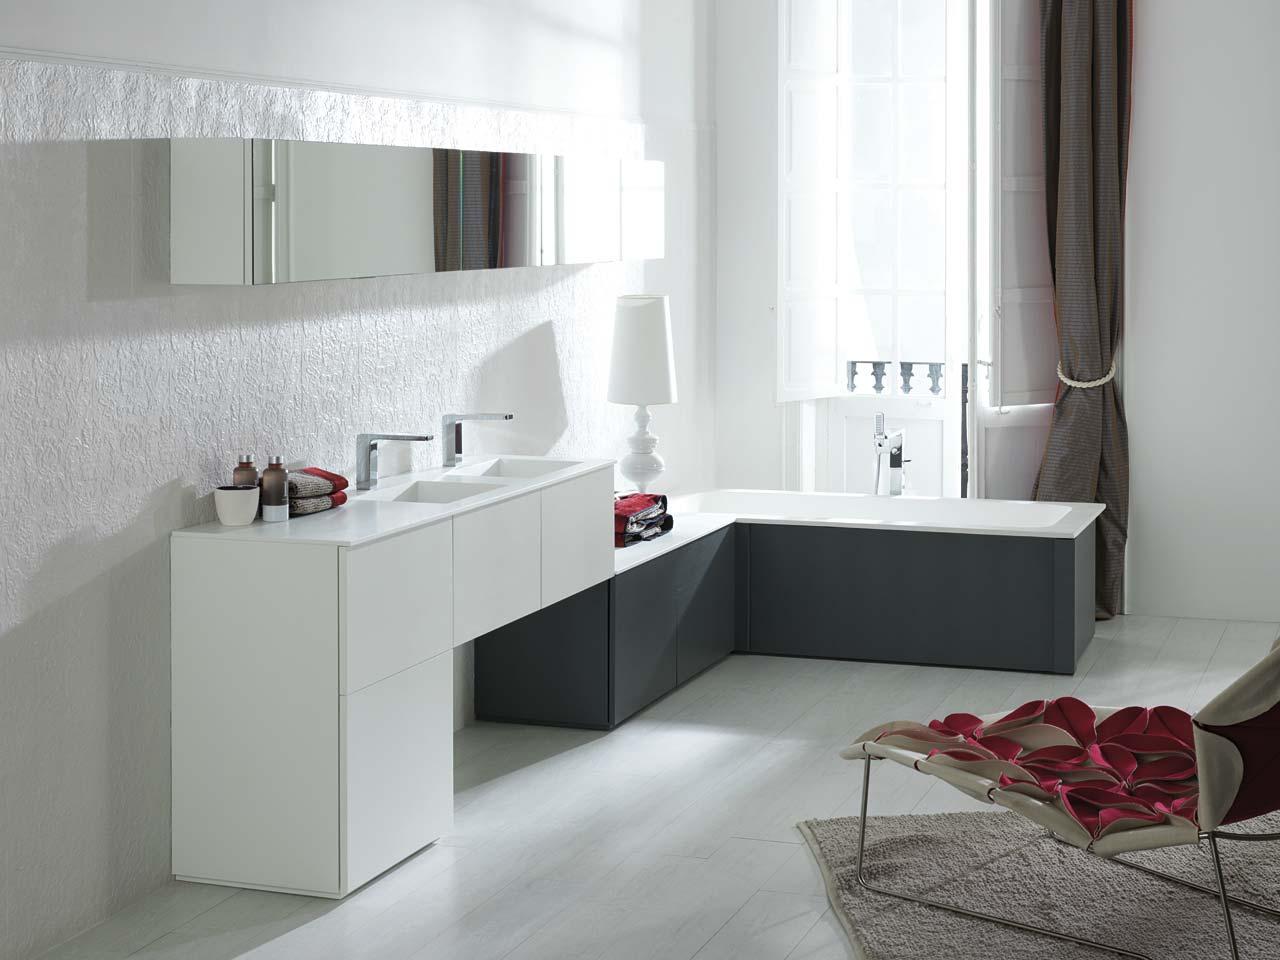 Beton cire salle de bain leroy merlin for Prix carrelage salle de bain